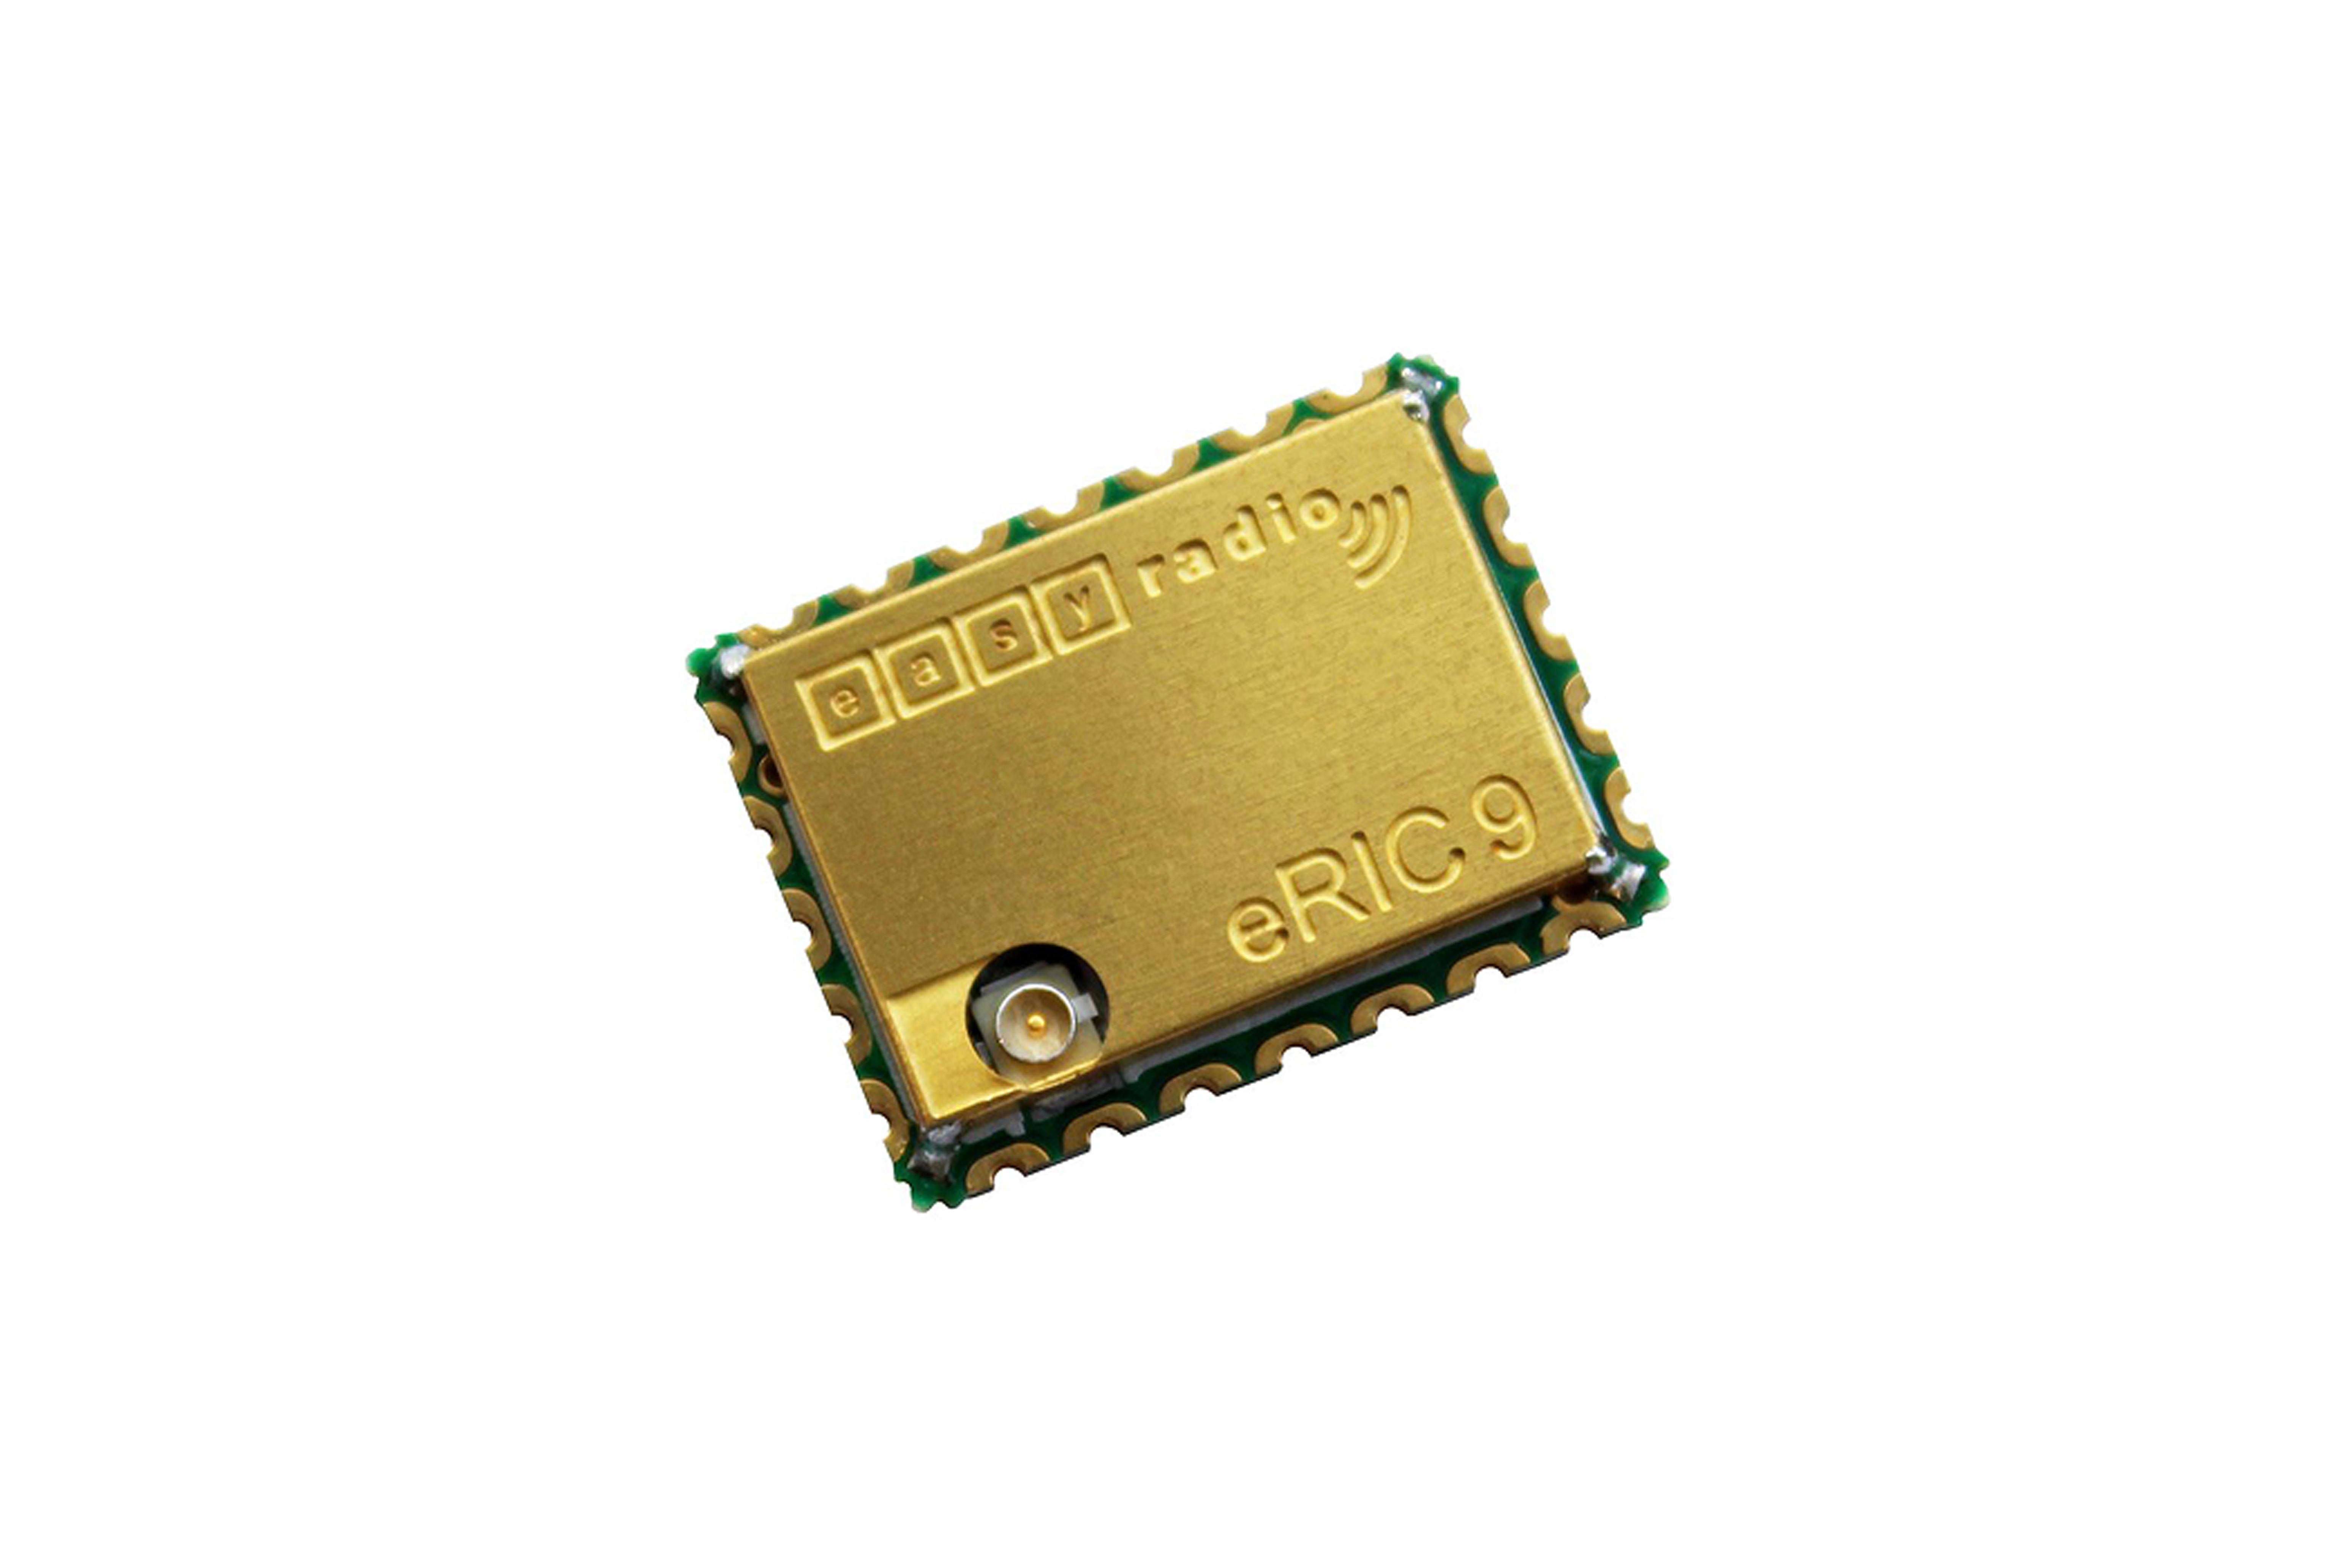 EASYRADIO CONFIG. SMD TXCVR 868/928 MHZ